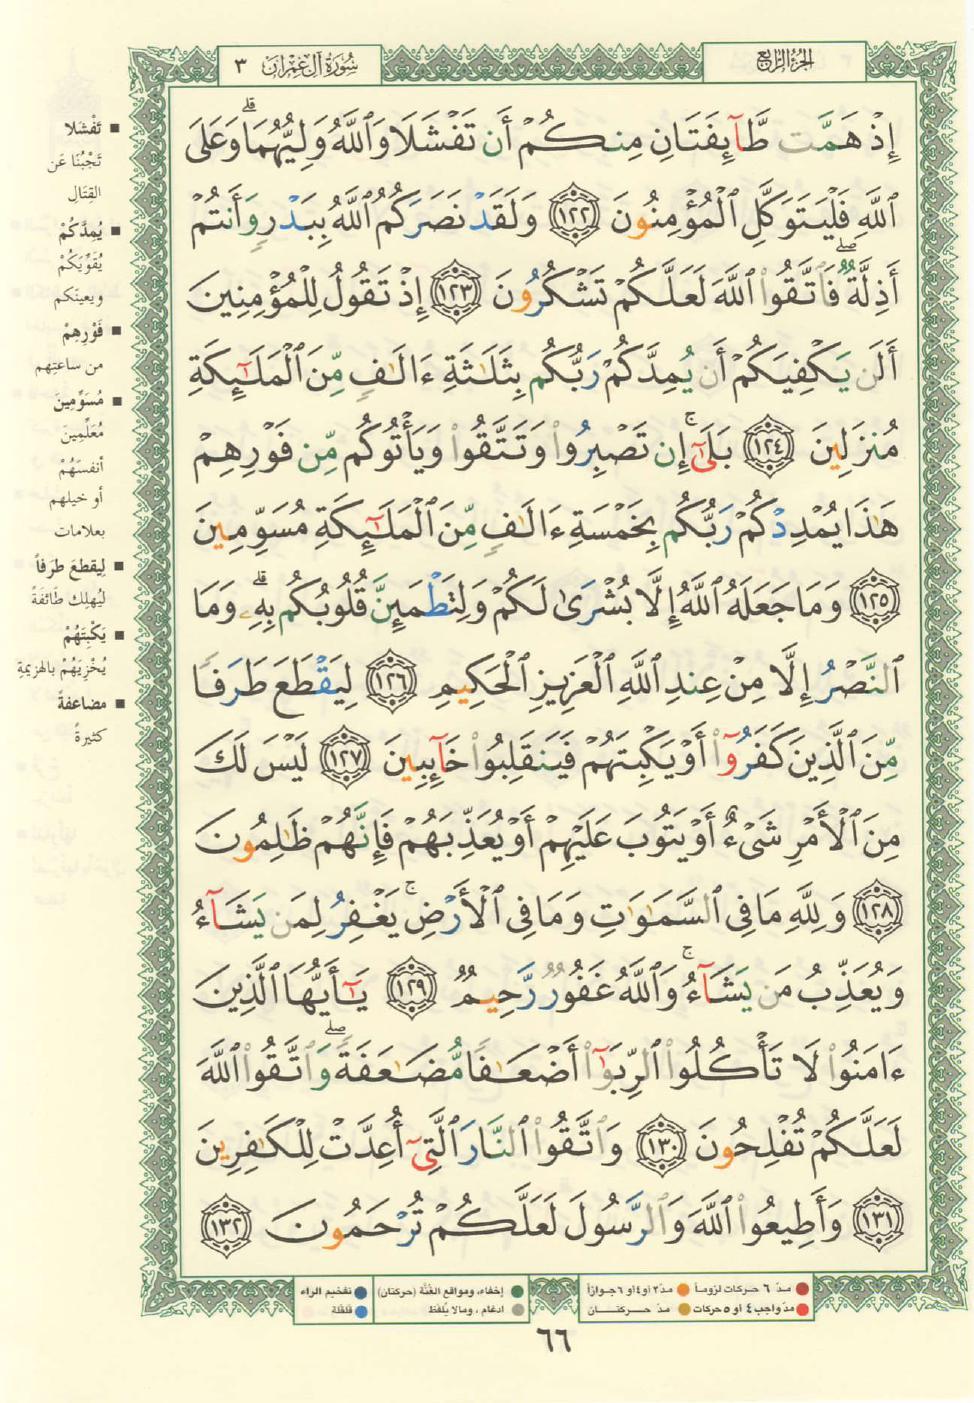 3. سورة آل عمران - Al-Imran مصورة من المصحف الشريف Quran_tajwid_000075